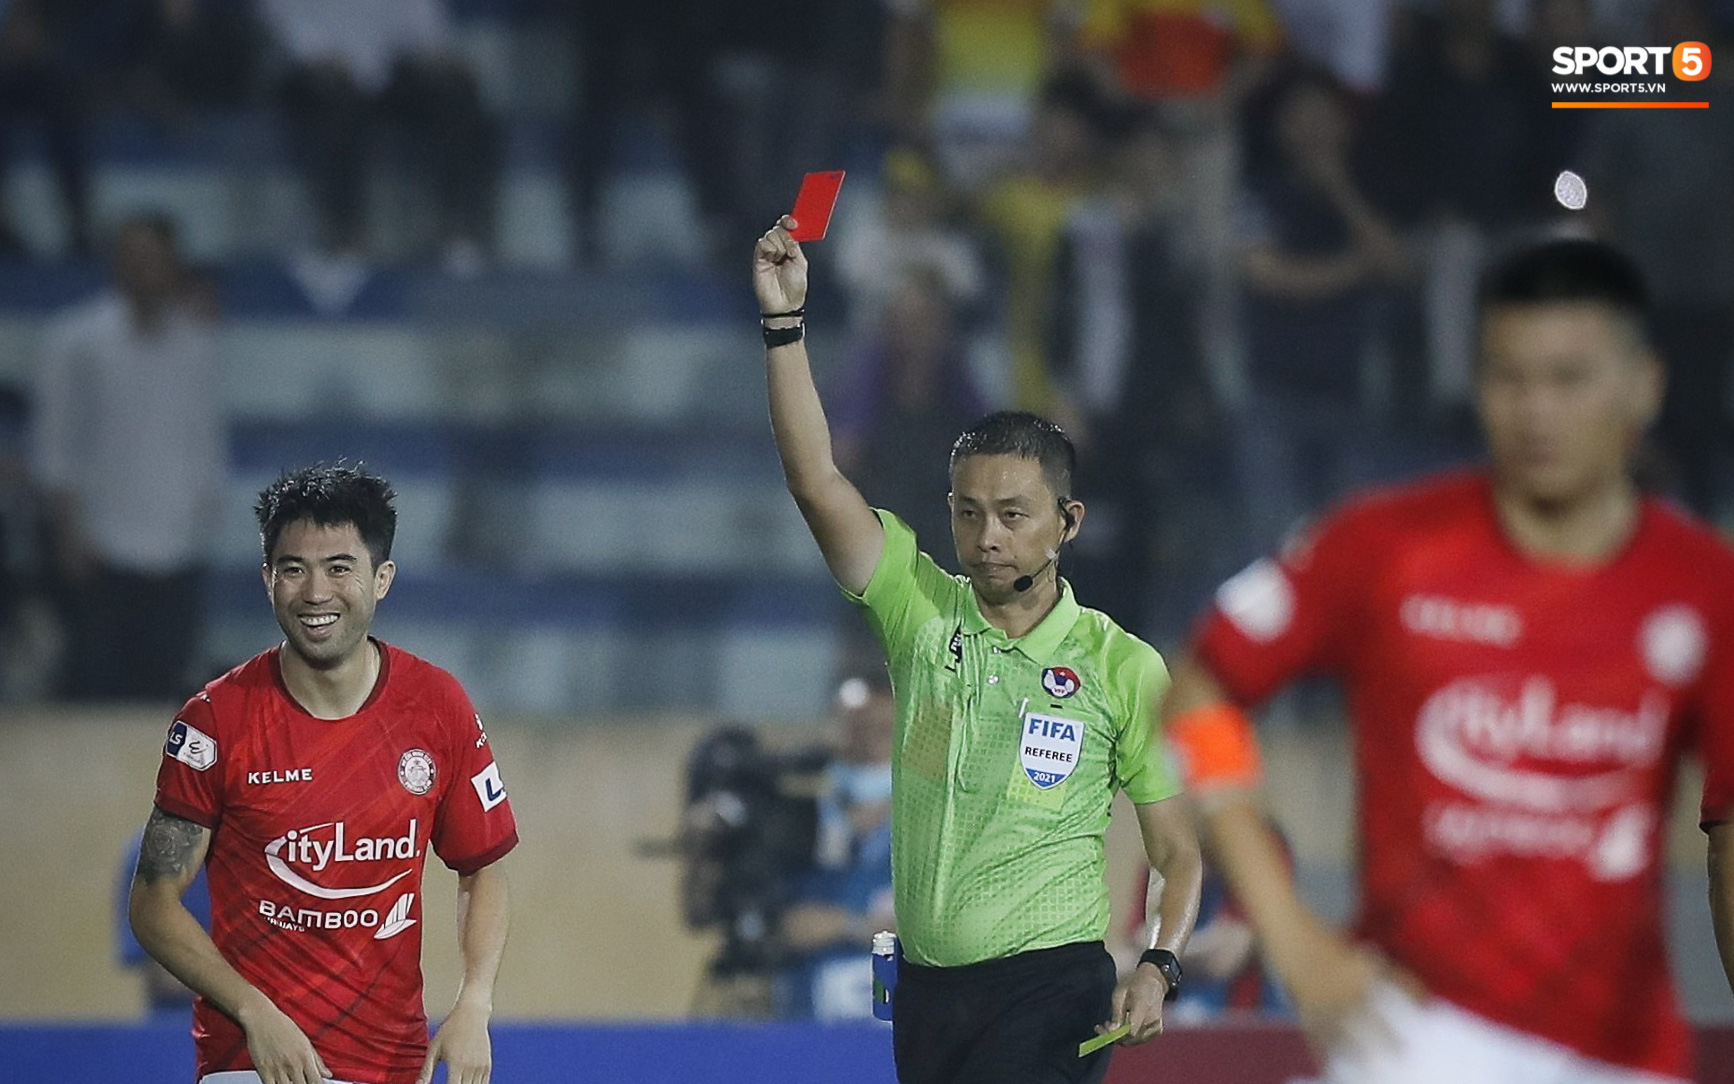 Lee Nguyễn nhận thẻ đỏ, CLB TP.HCM thua Nam Định ở trận đấu có 15 phút bù giờ